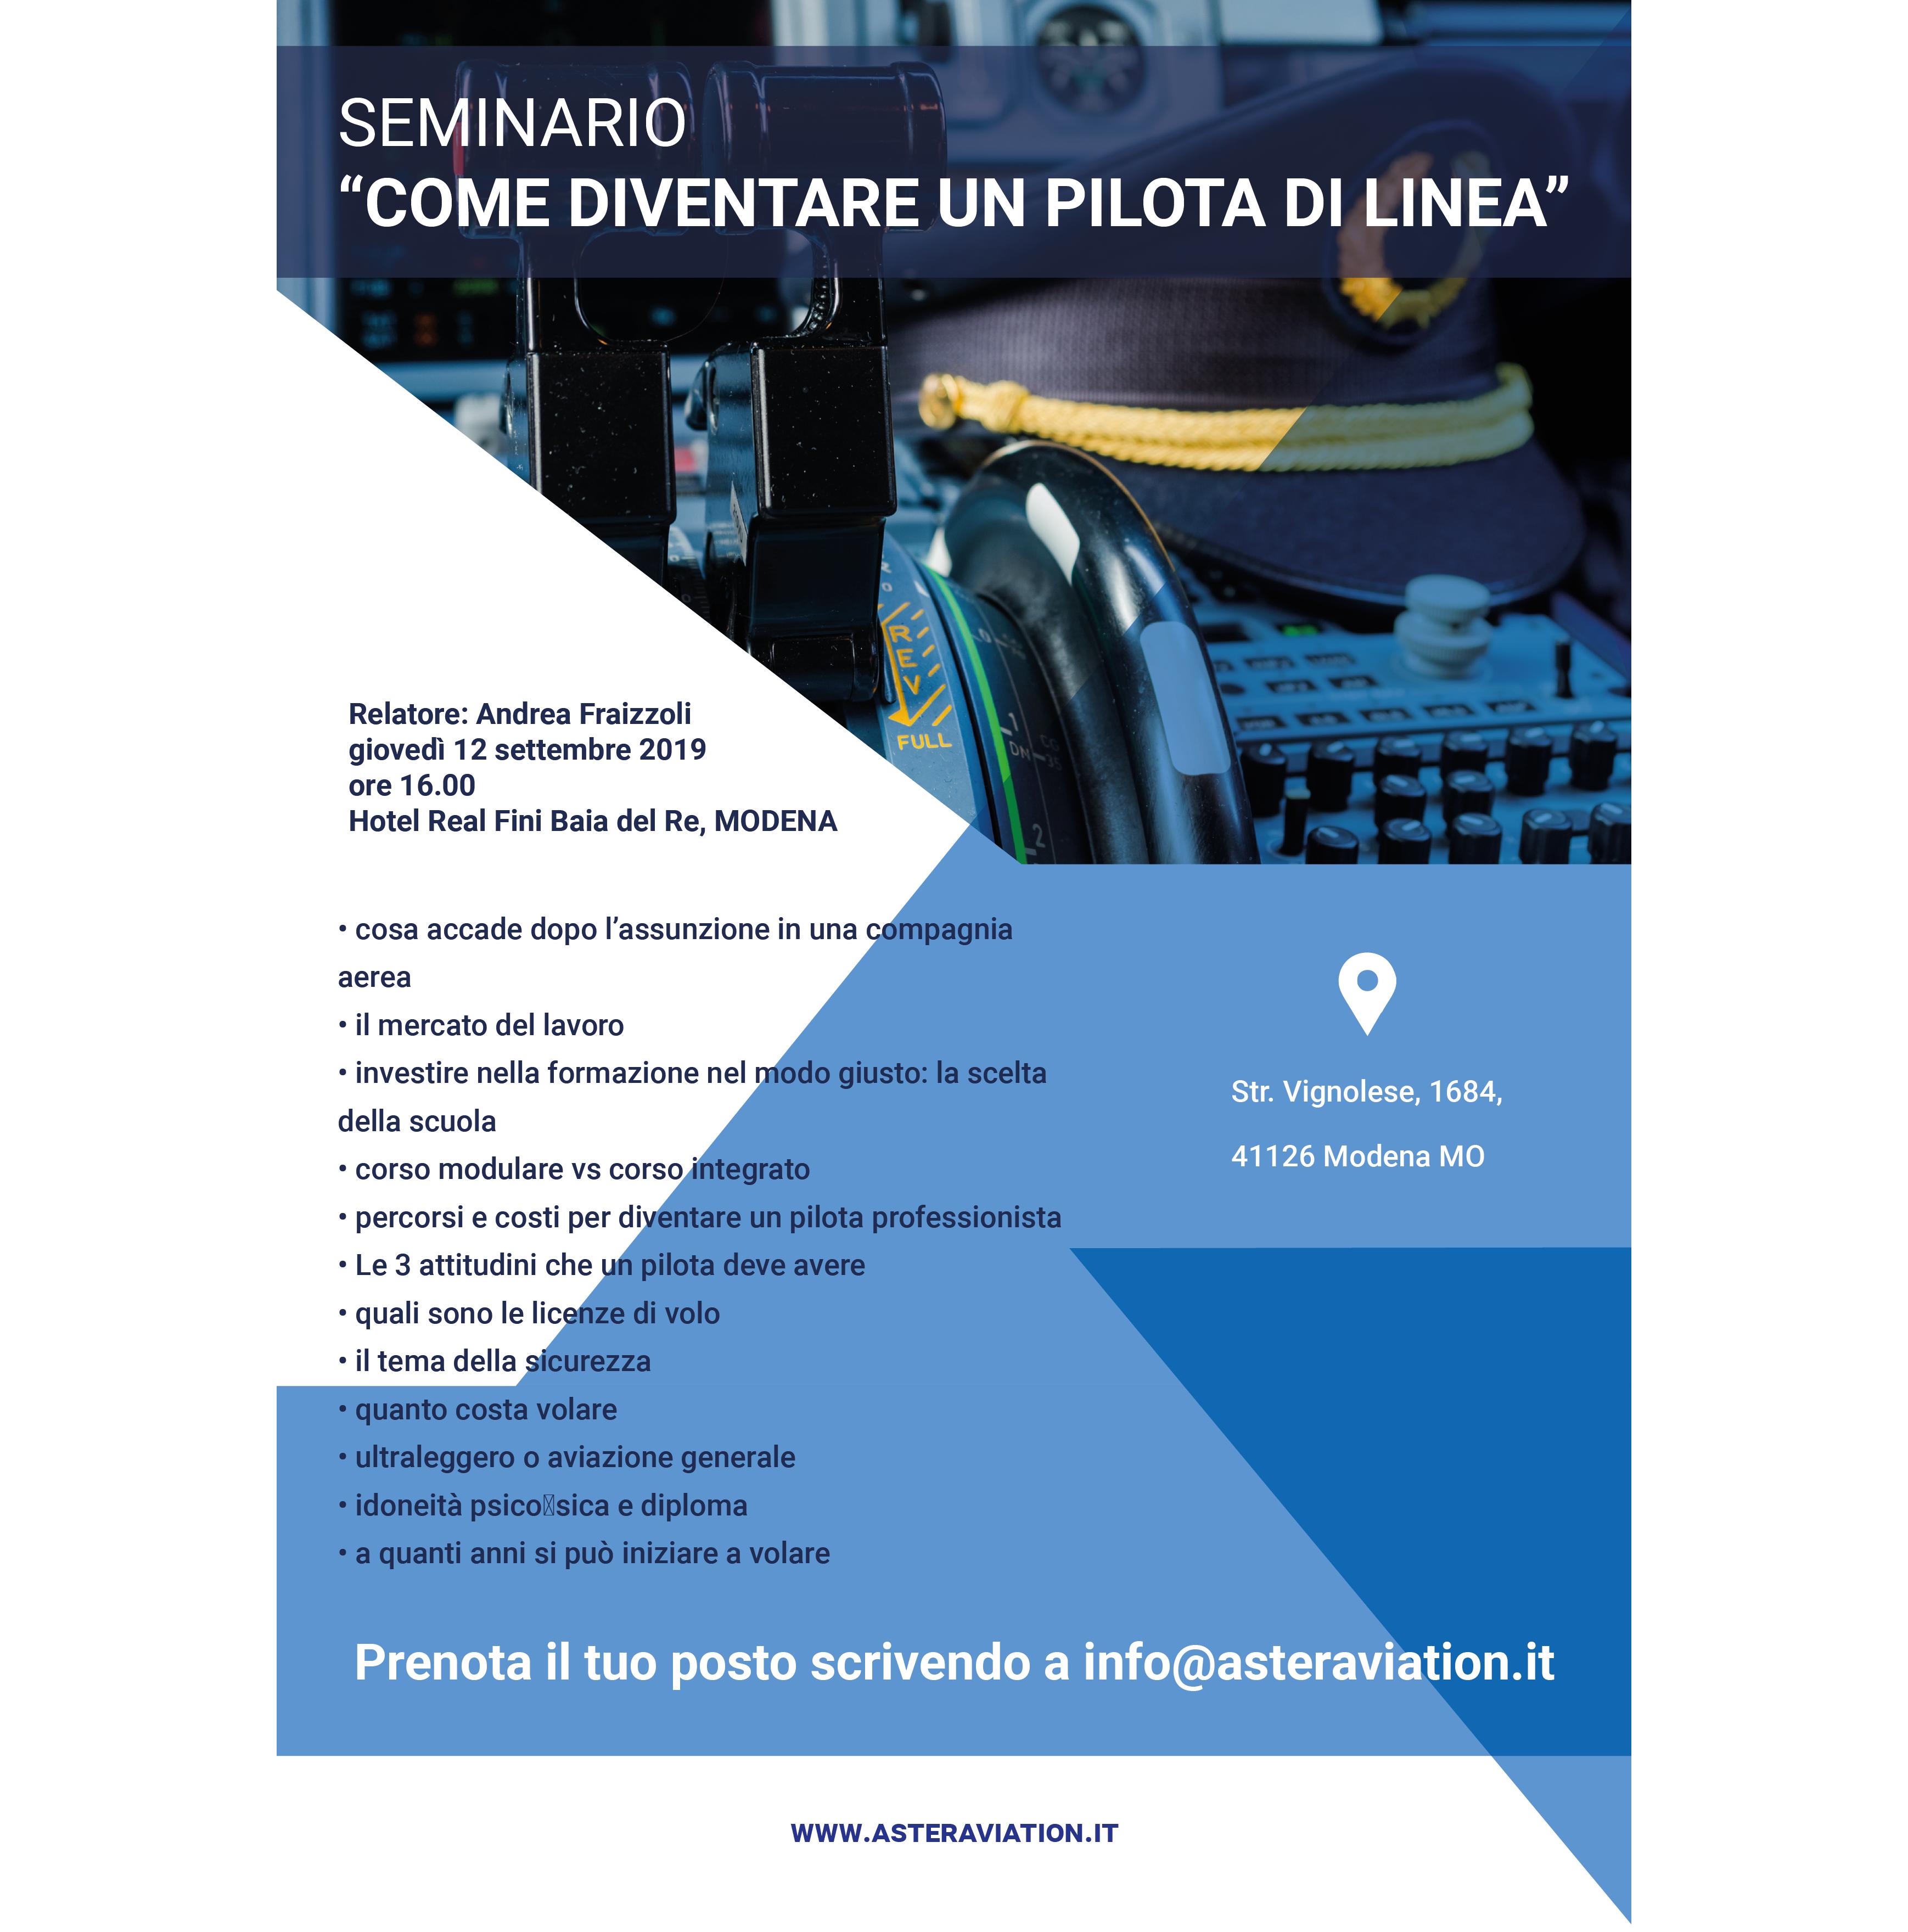 Seminario Asteraviation come diventare pilota di linea